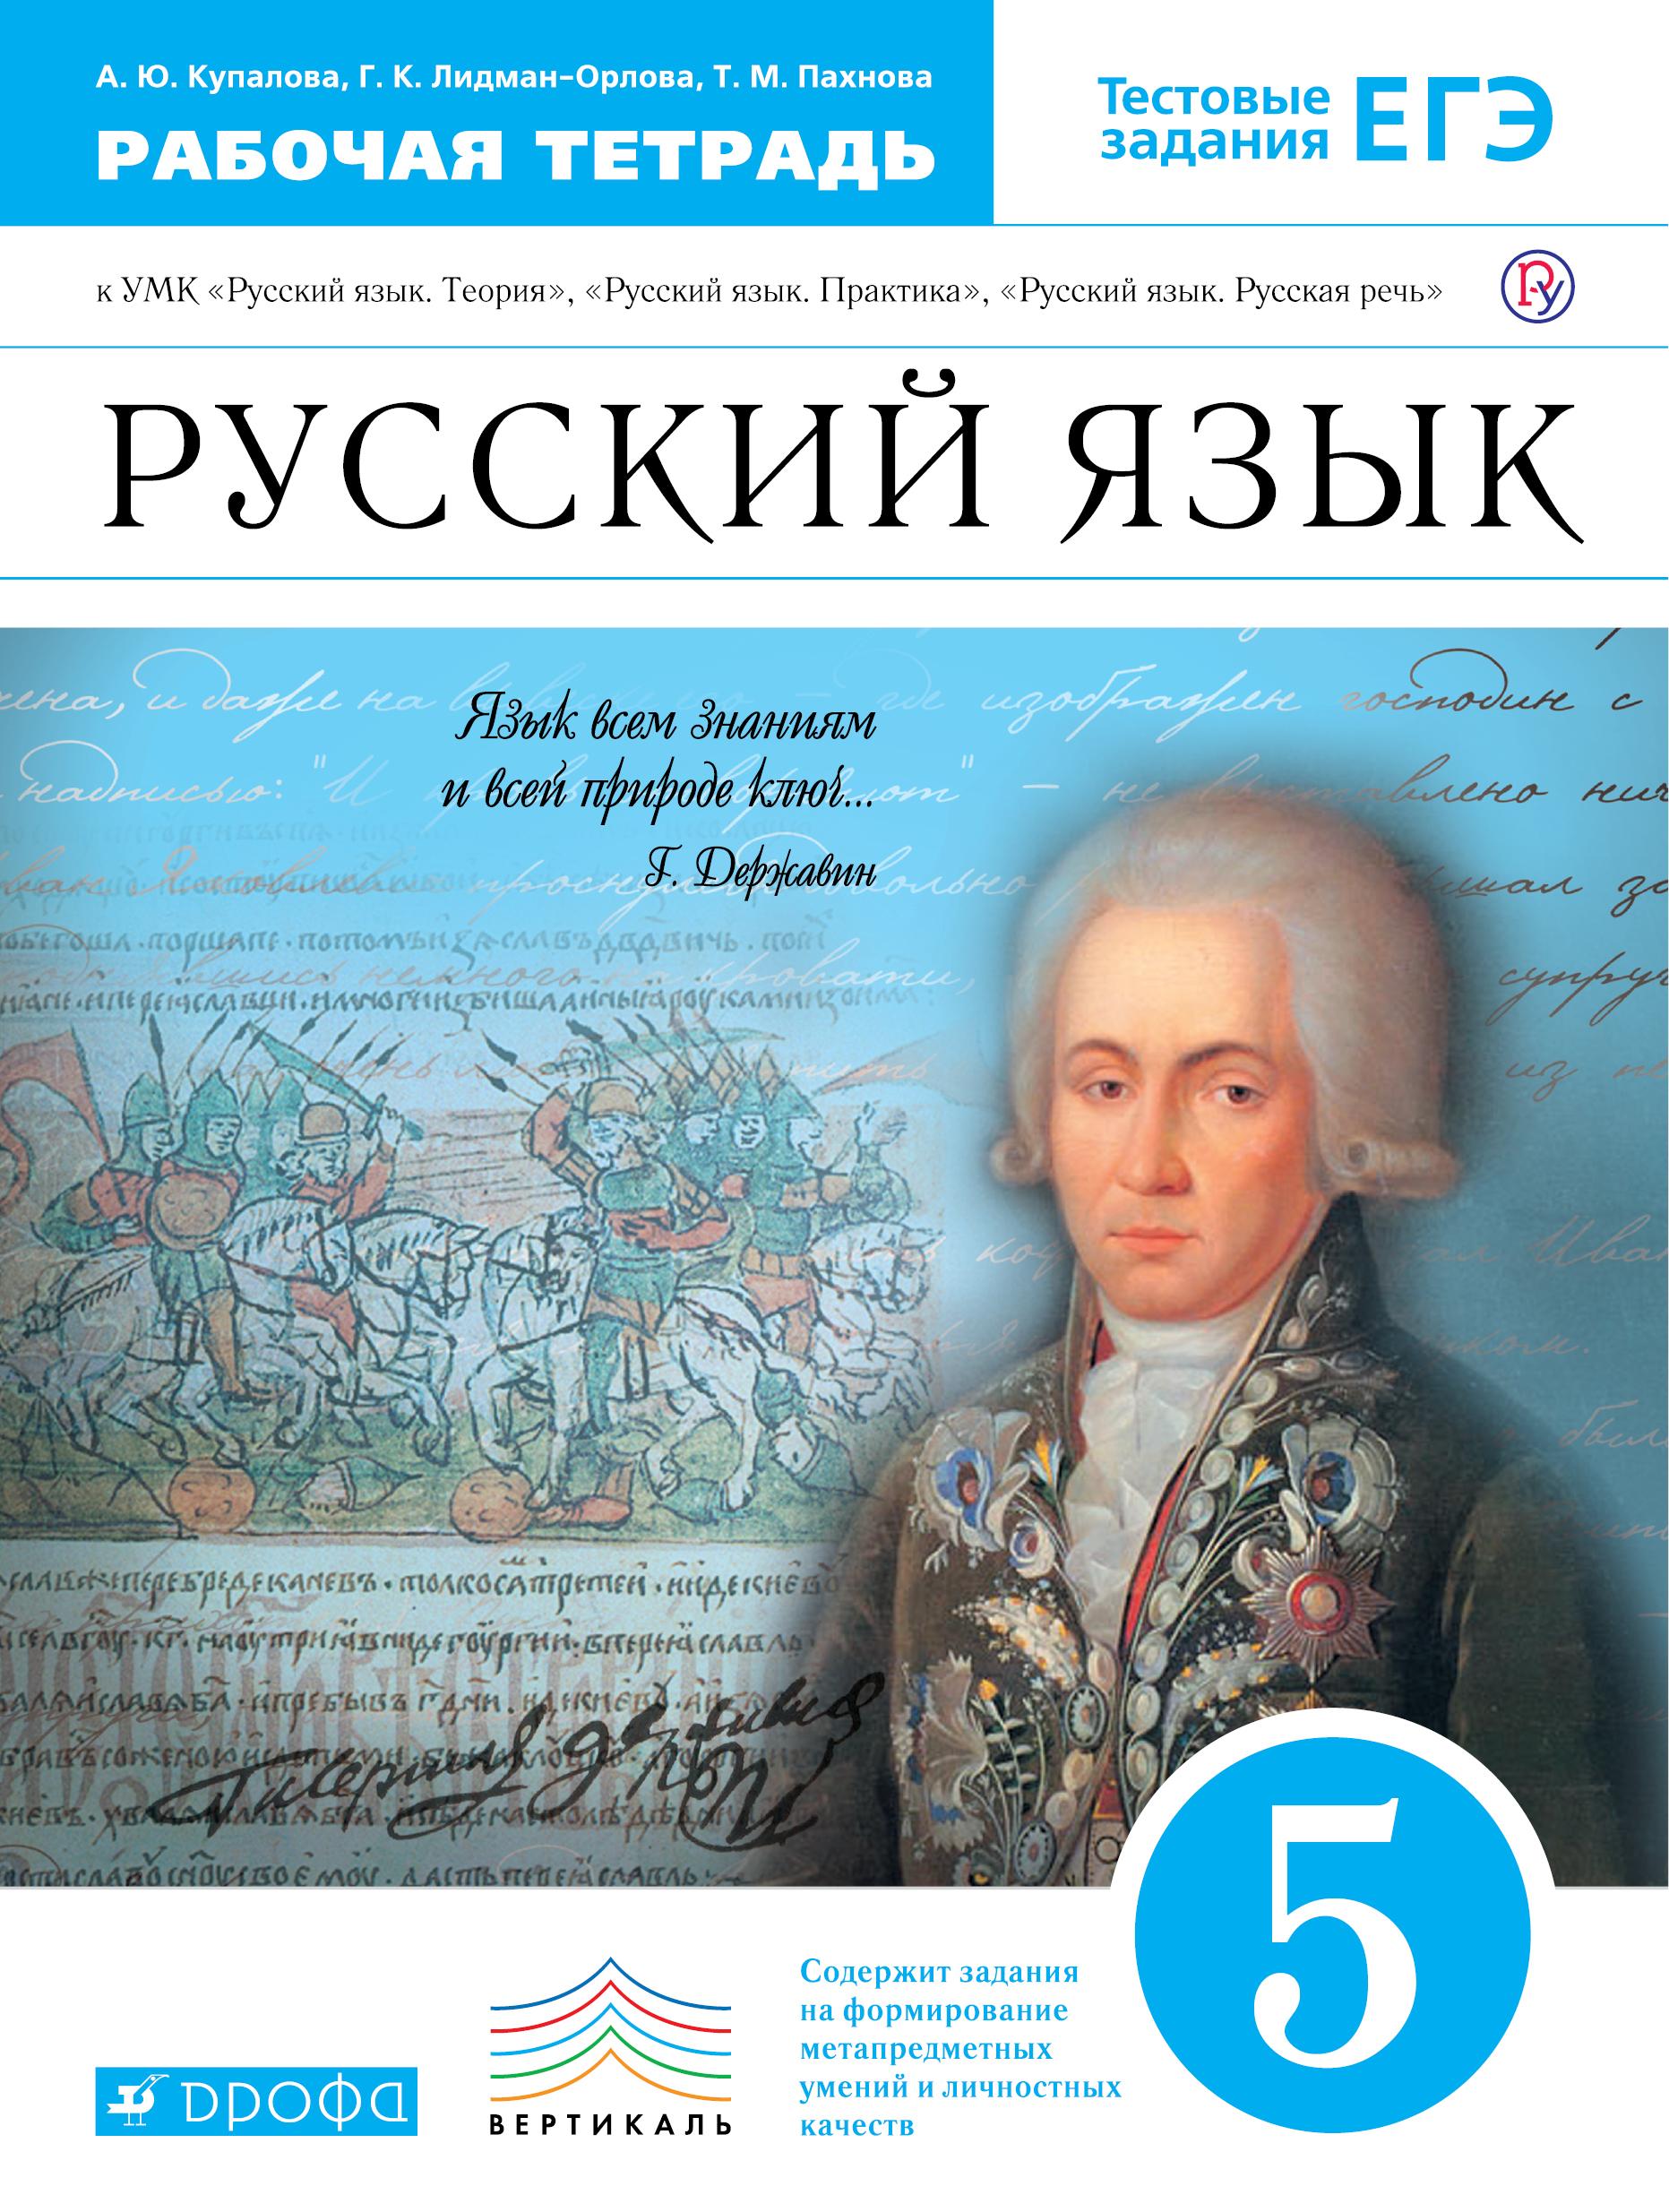 Решебник по русскому языку 6 класс купалова 9 фотография